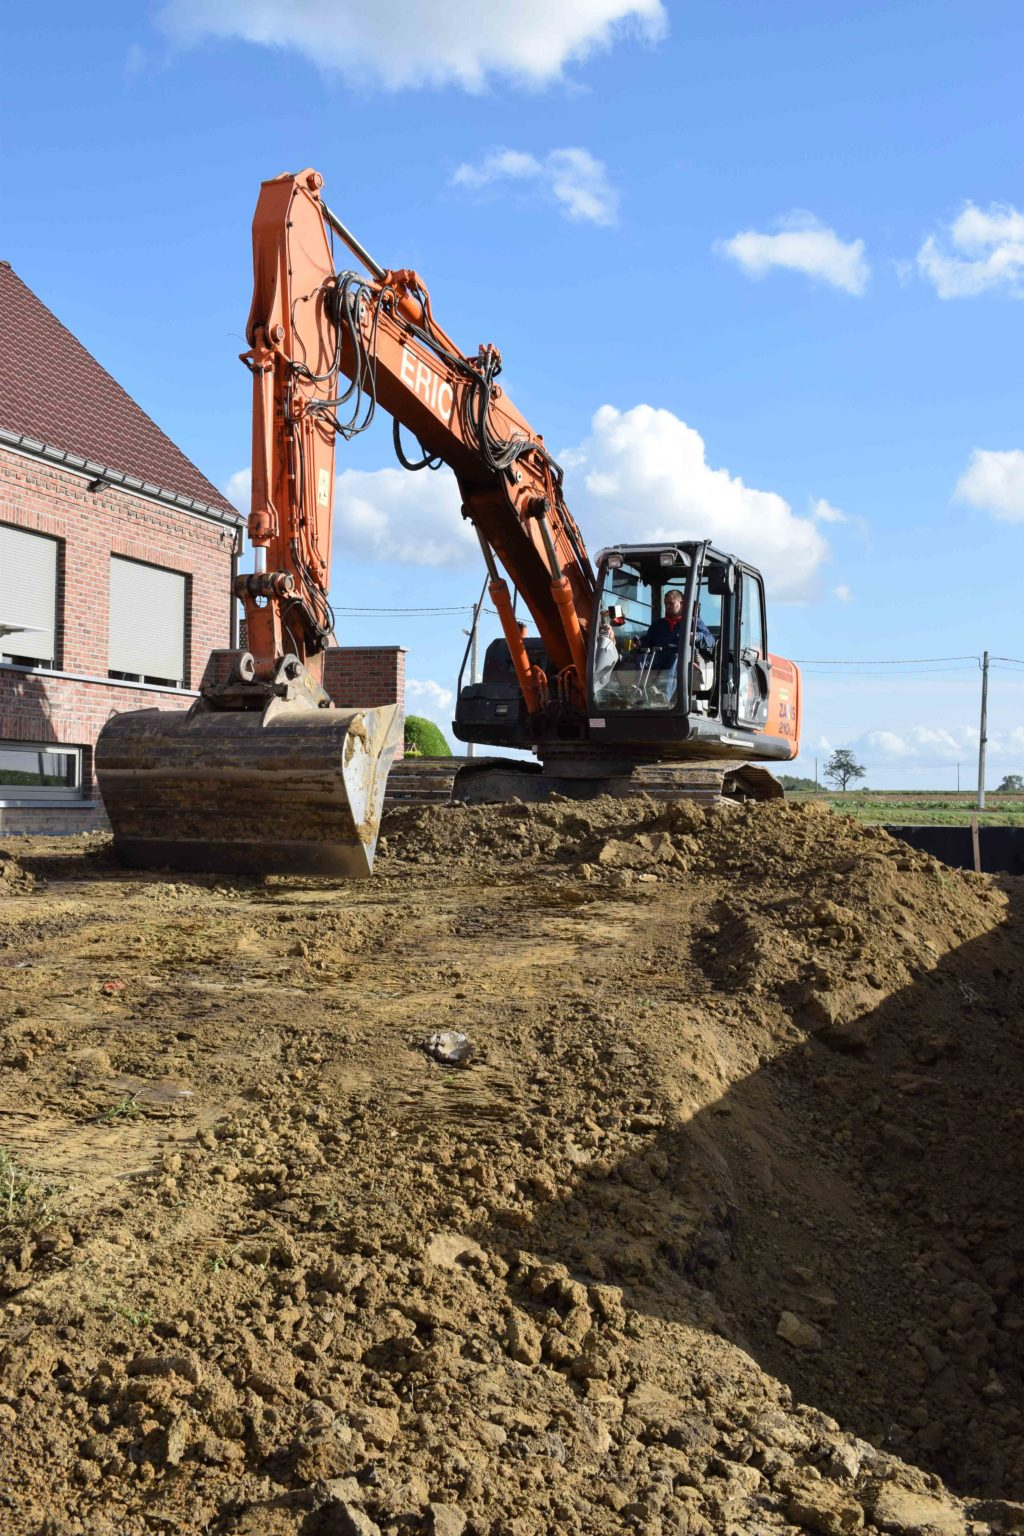 Entreprise de terrassement - creuser les fondations - Tournai - Mons - Dour - Mouscron - Perulwez - Charleroi - Soignies